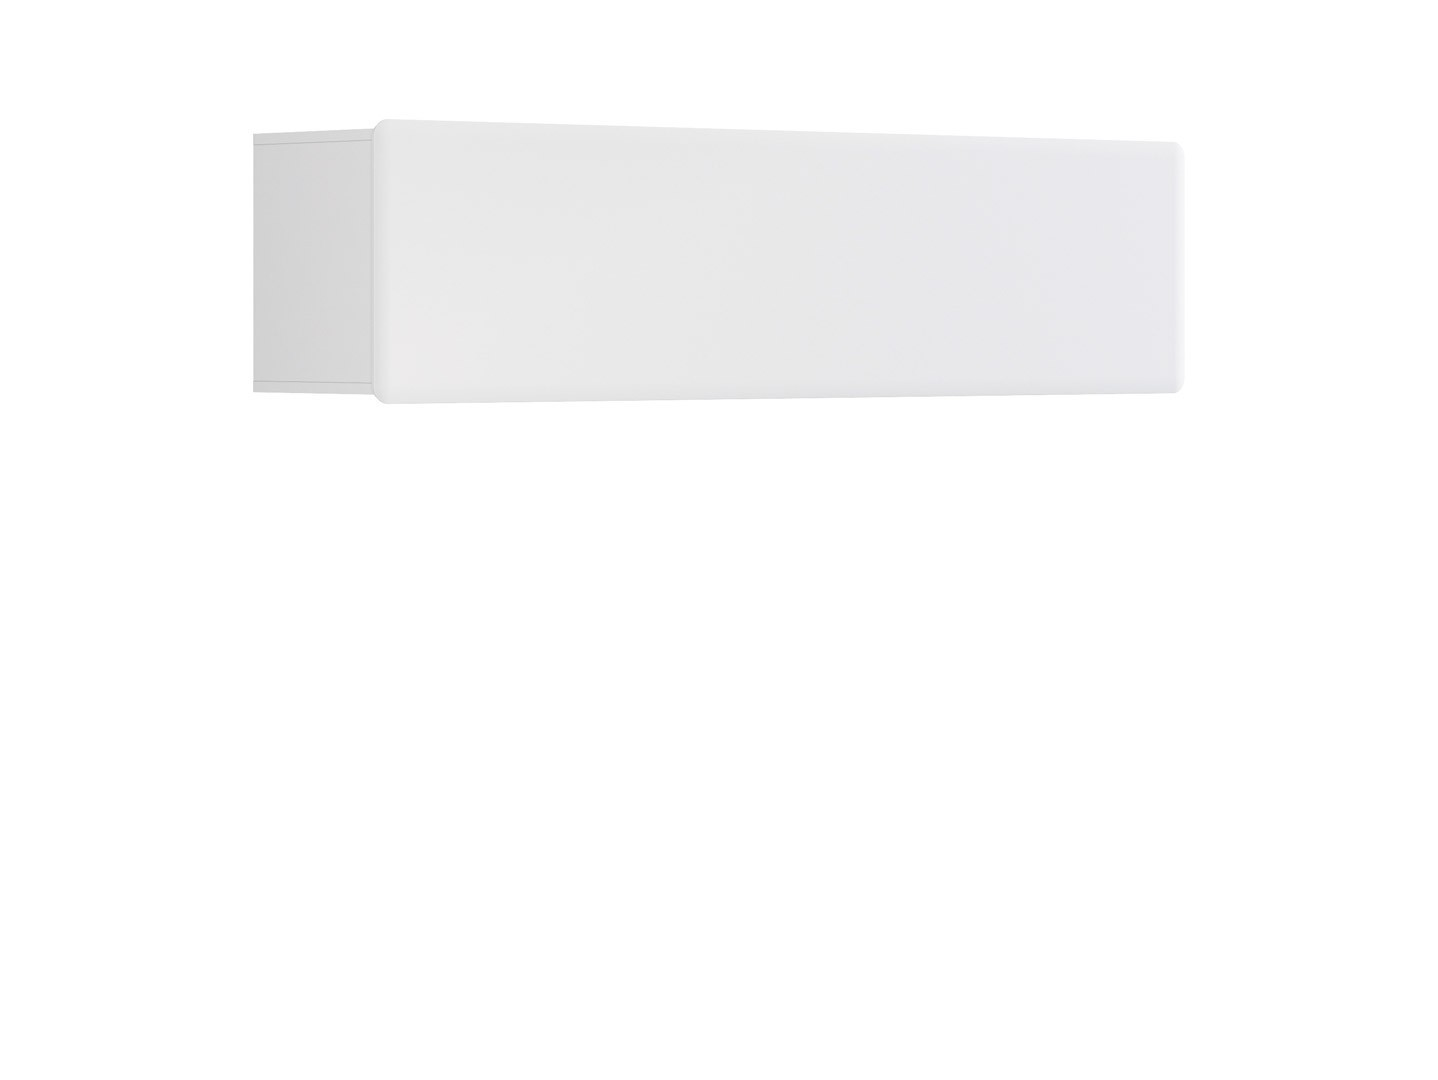 Polička - BRW - Possi Light - SFW1K/4/16 (bílá + lesk bílý)